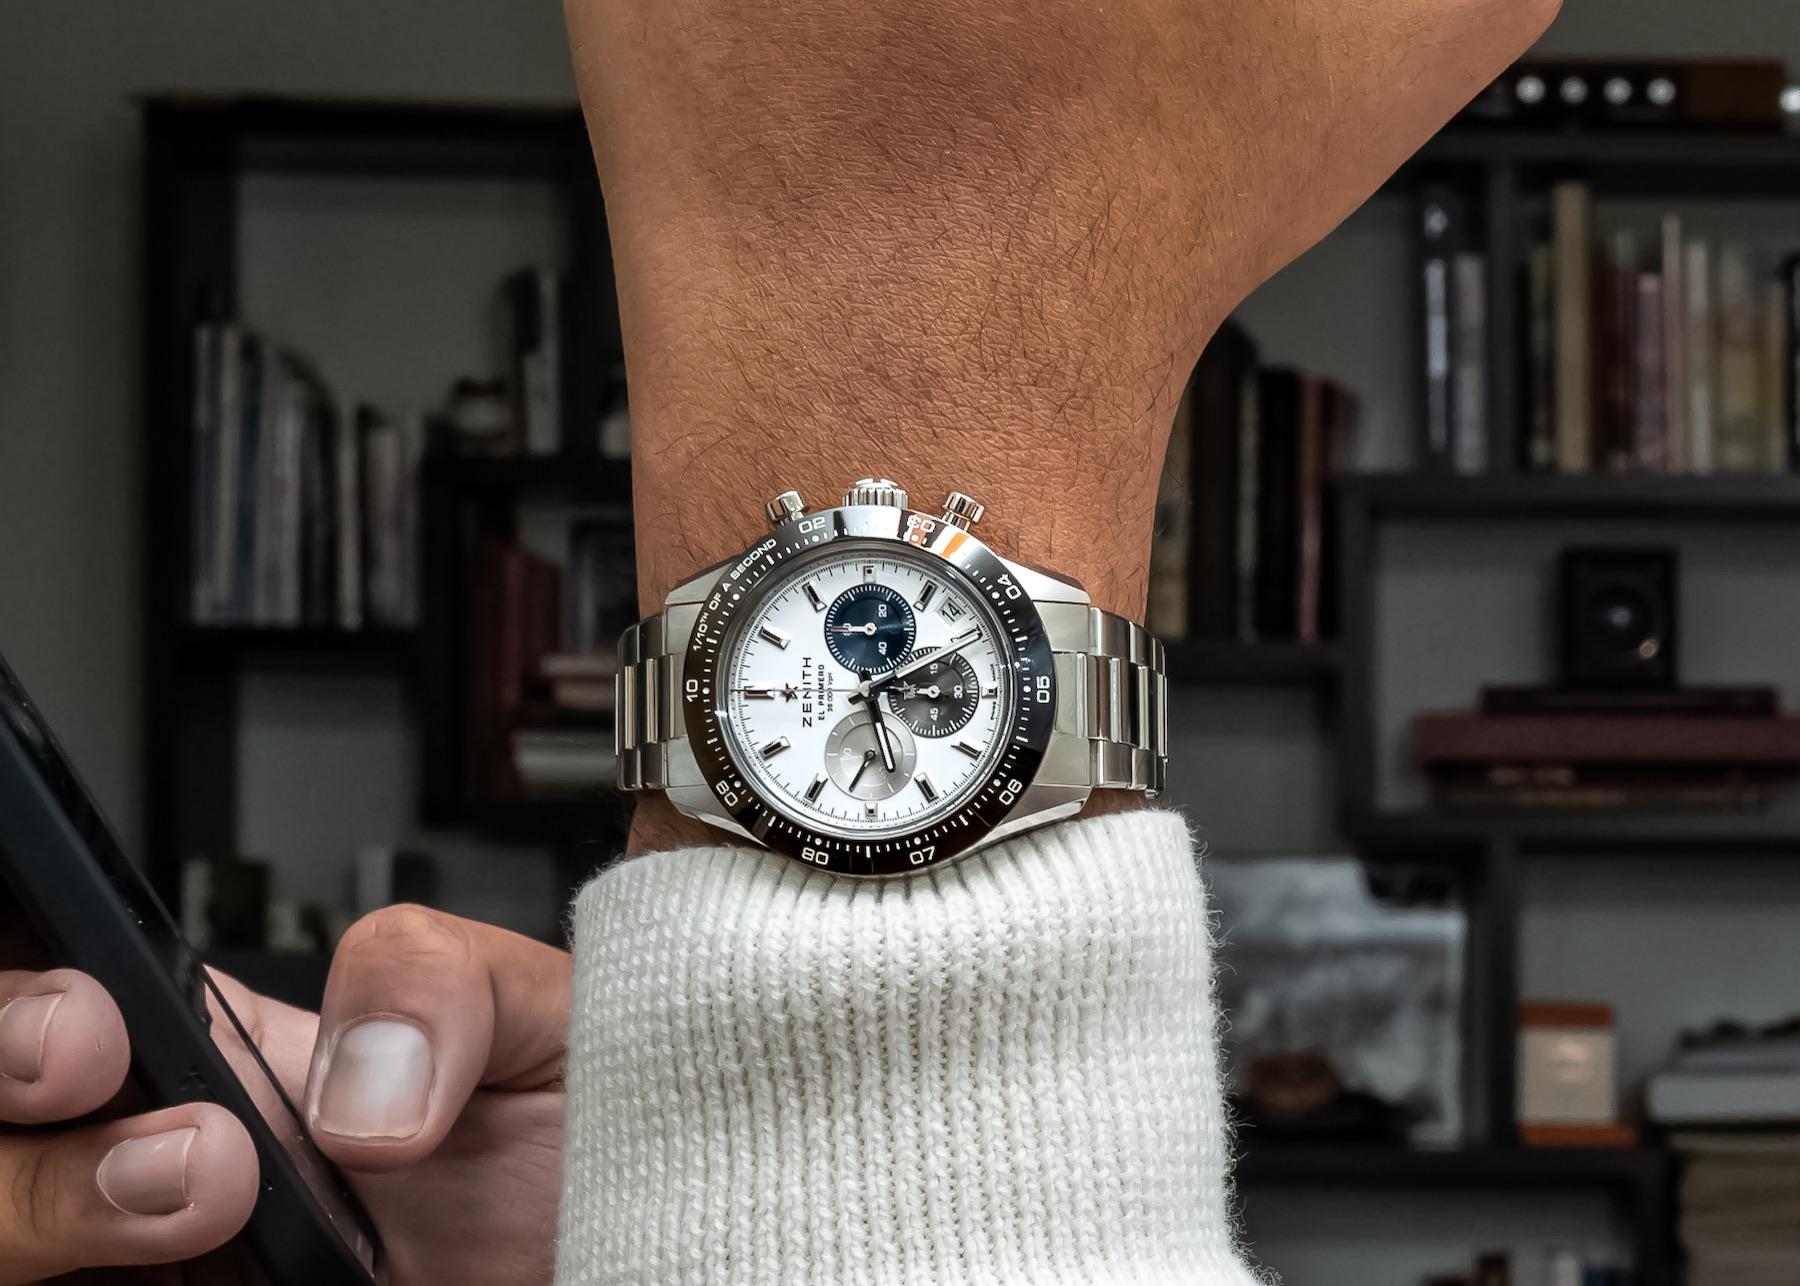 5 Mẫu đồng hồ Chronograph tuyệt vời có giá dưới 11.000 USD